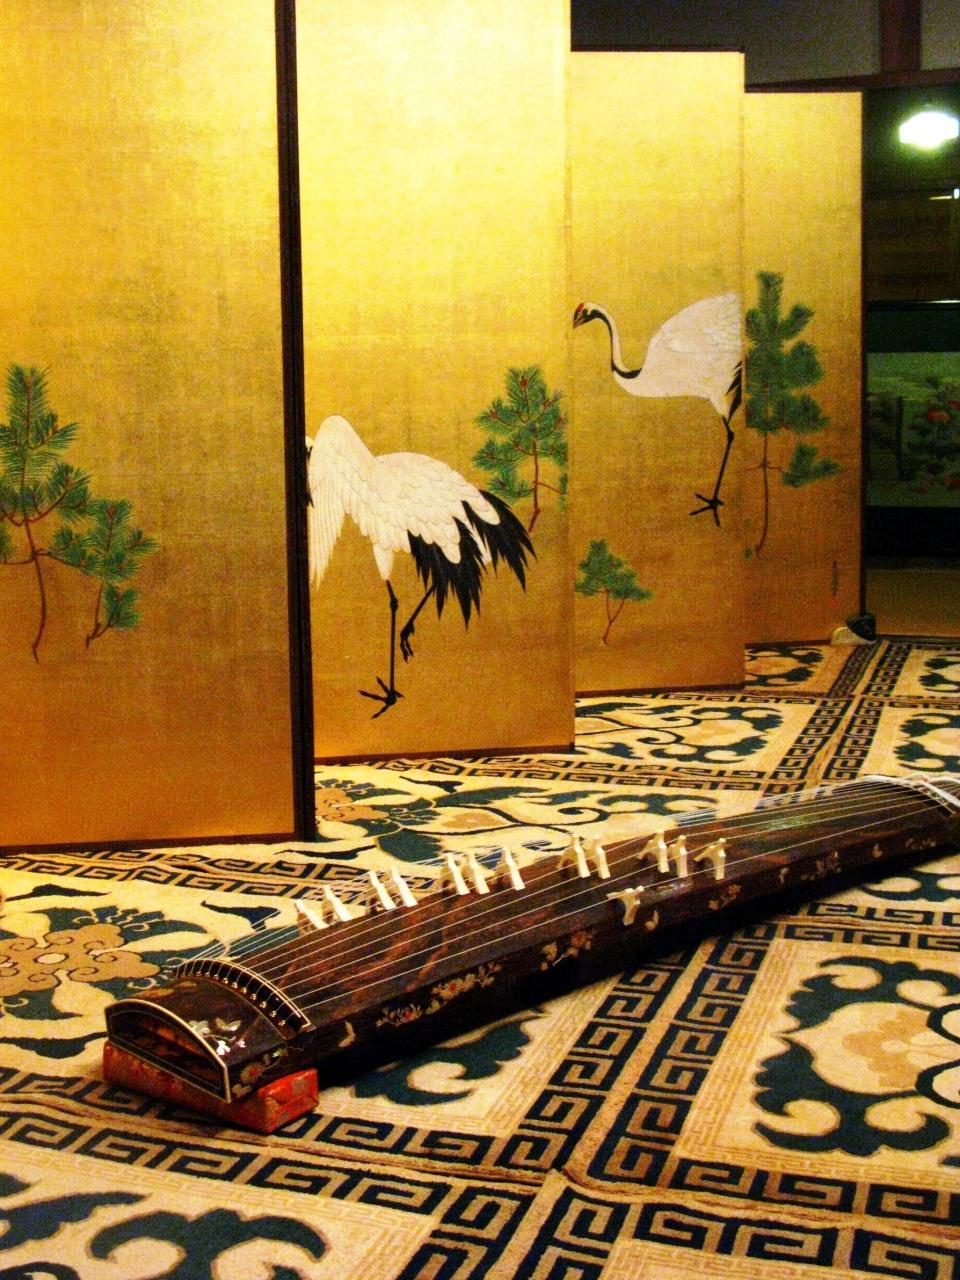 祇園祭-5 屏風祭*鶴・百花図屏風などを公開 ☆奥深い伝統の美